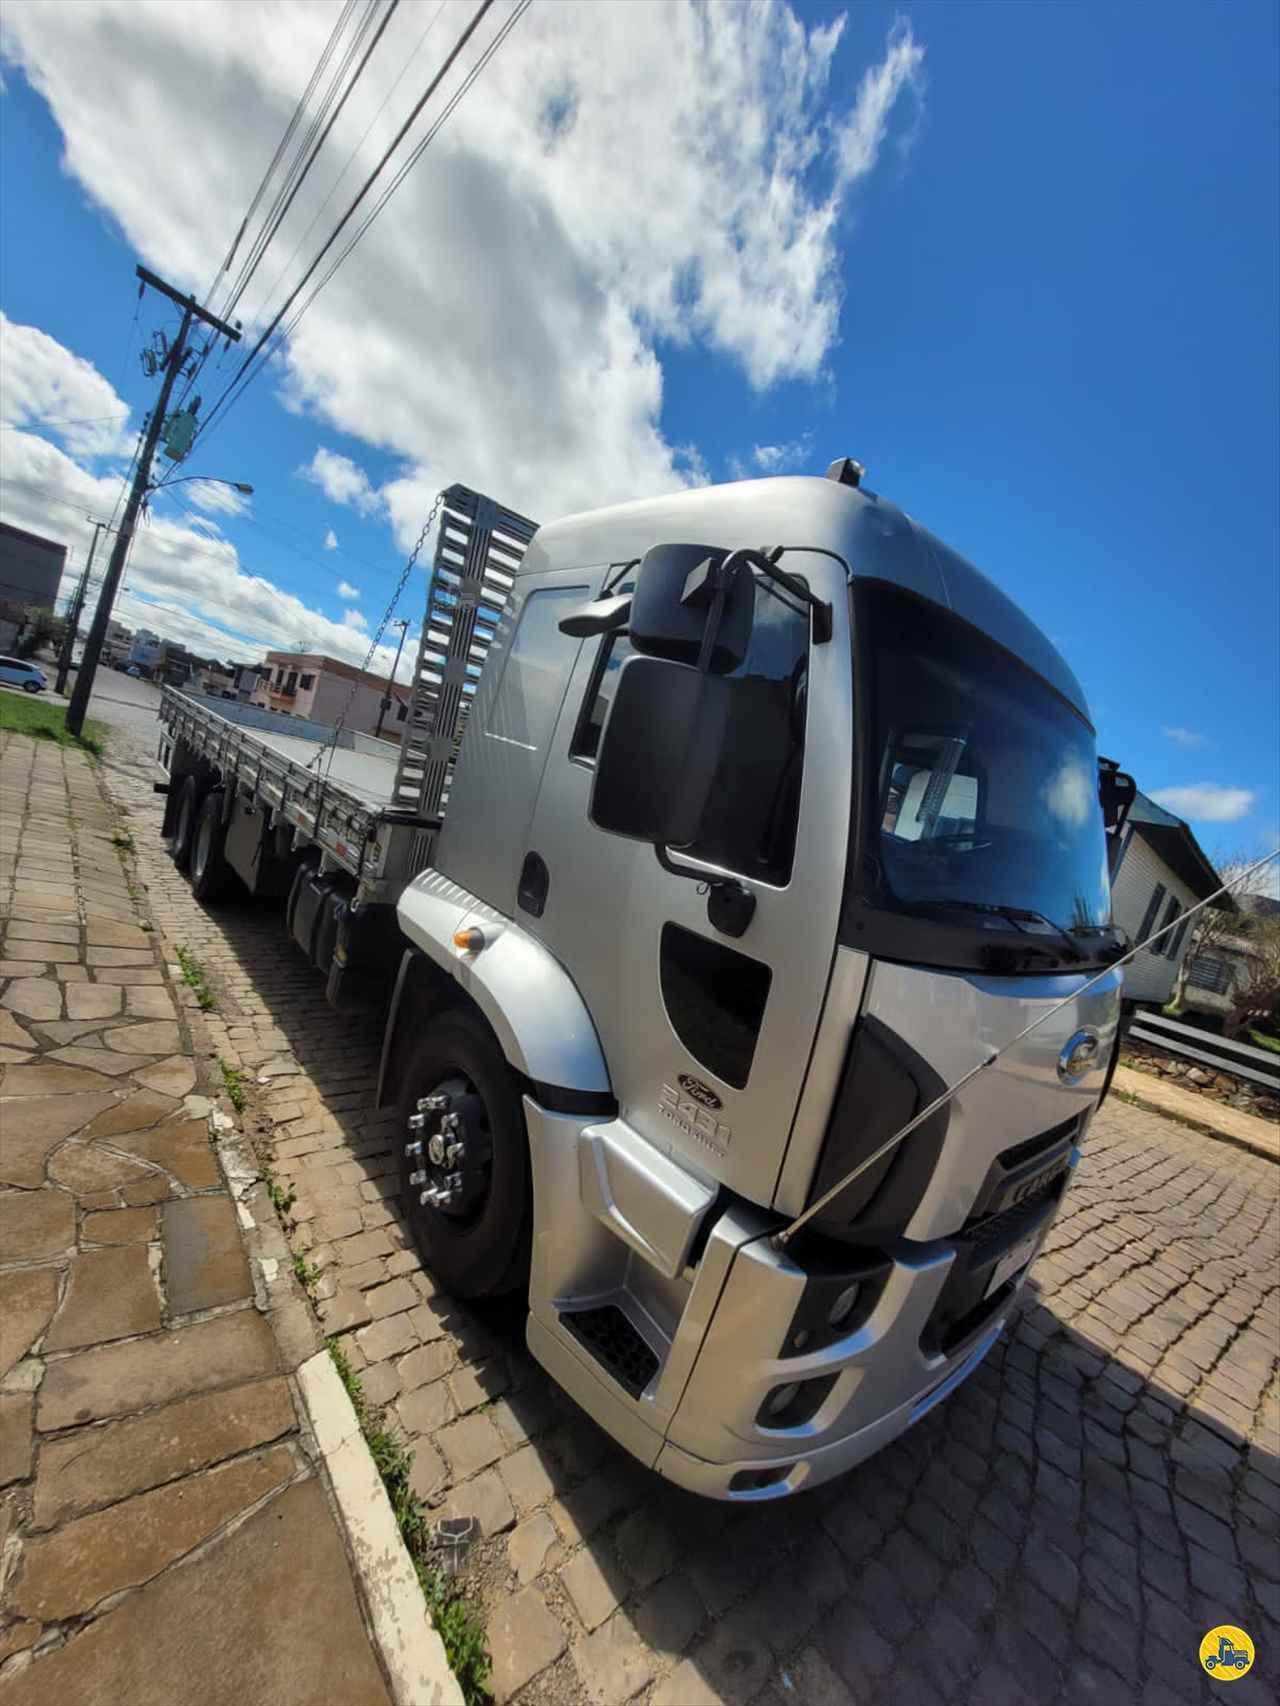 CAMINHAO FORD CARGO 2431 Carga Seca Truck 6x2 Zanon Caminhões e Implementos PASSO FUNDO RIO GRANDE DO SUL RS